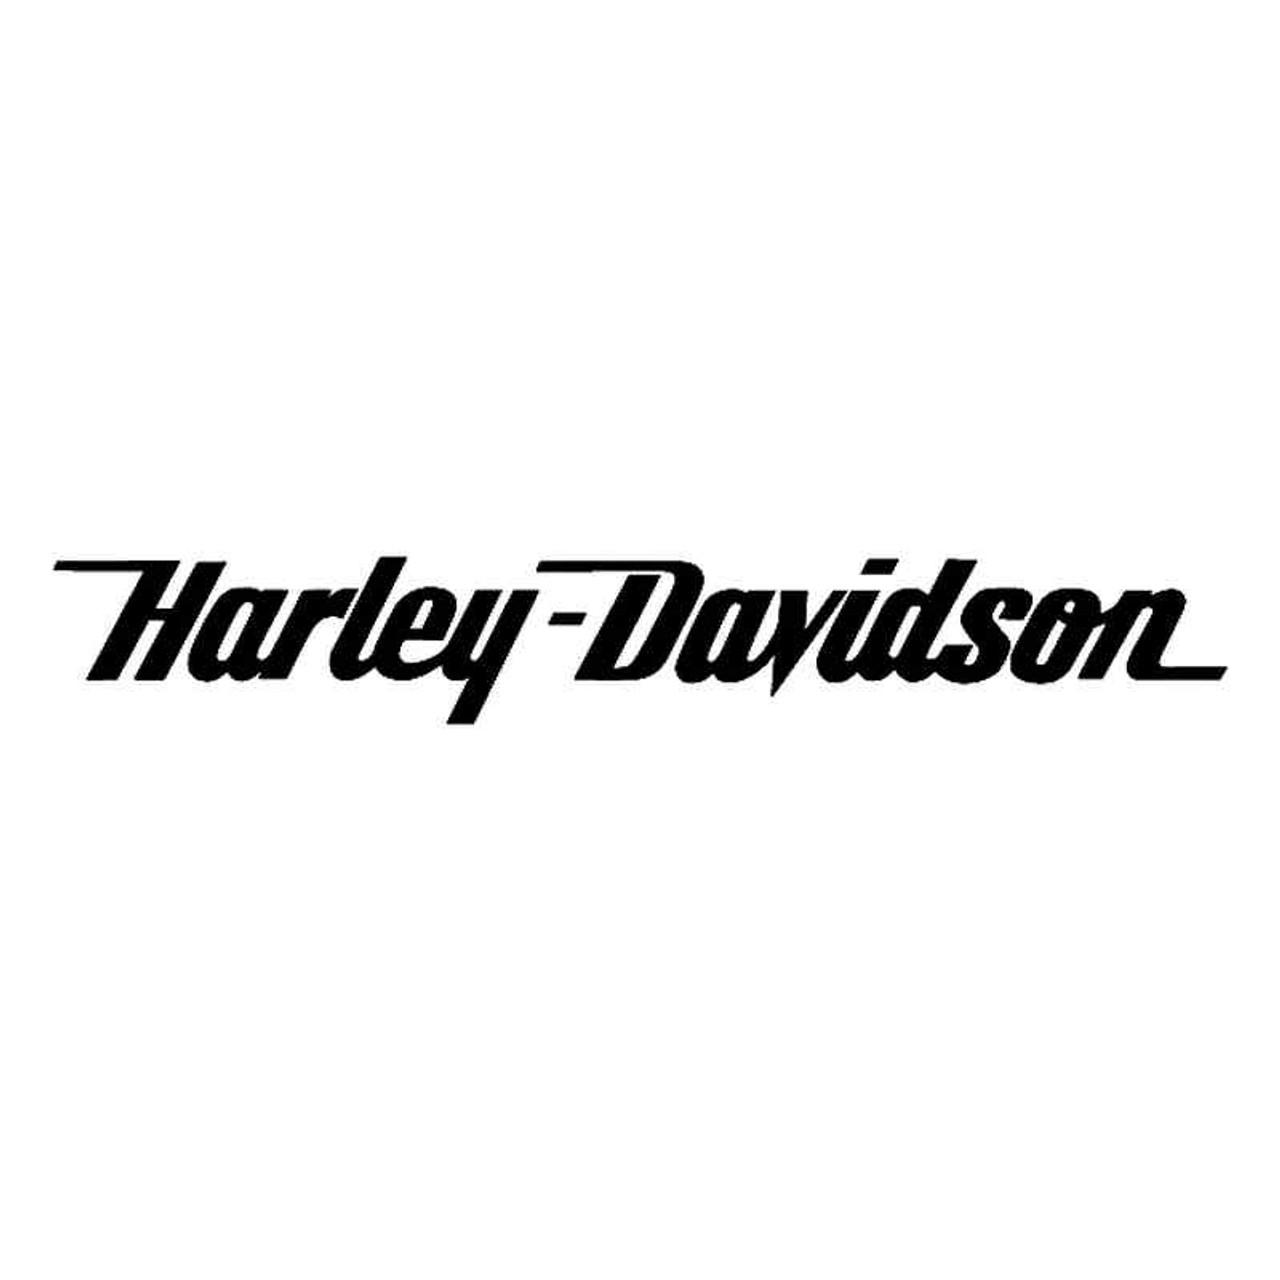 Harley davidson script text vinyl sticker